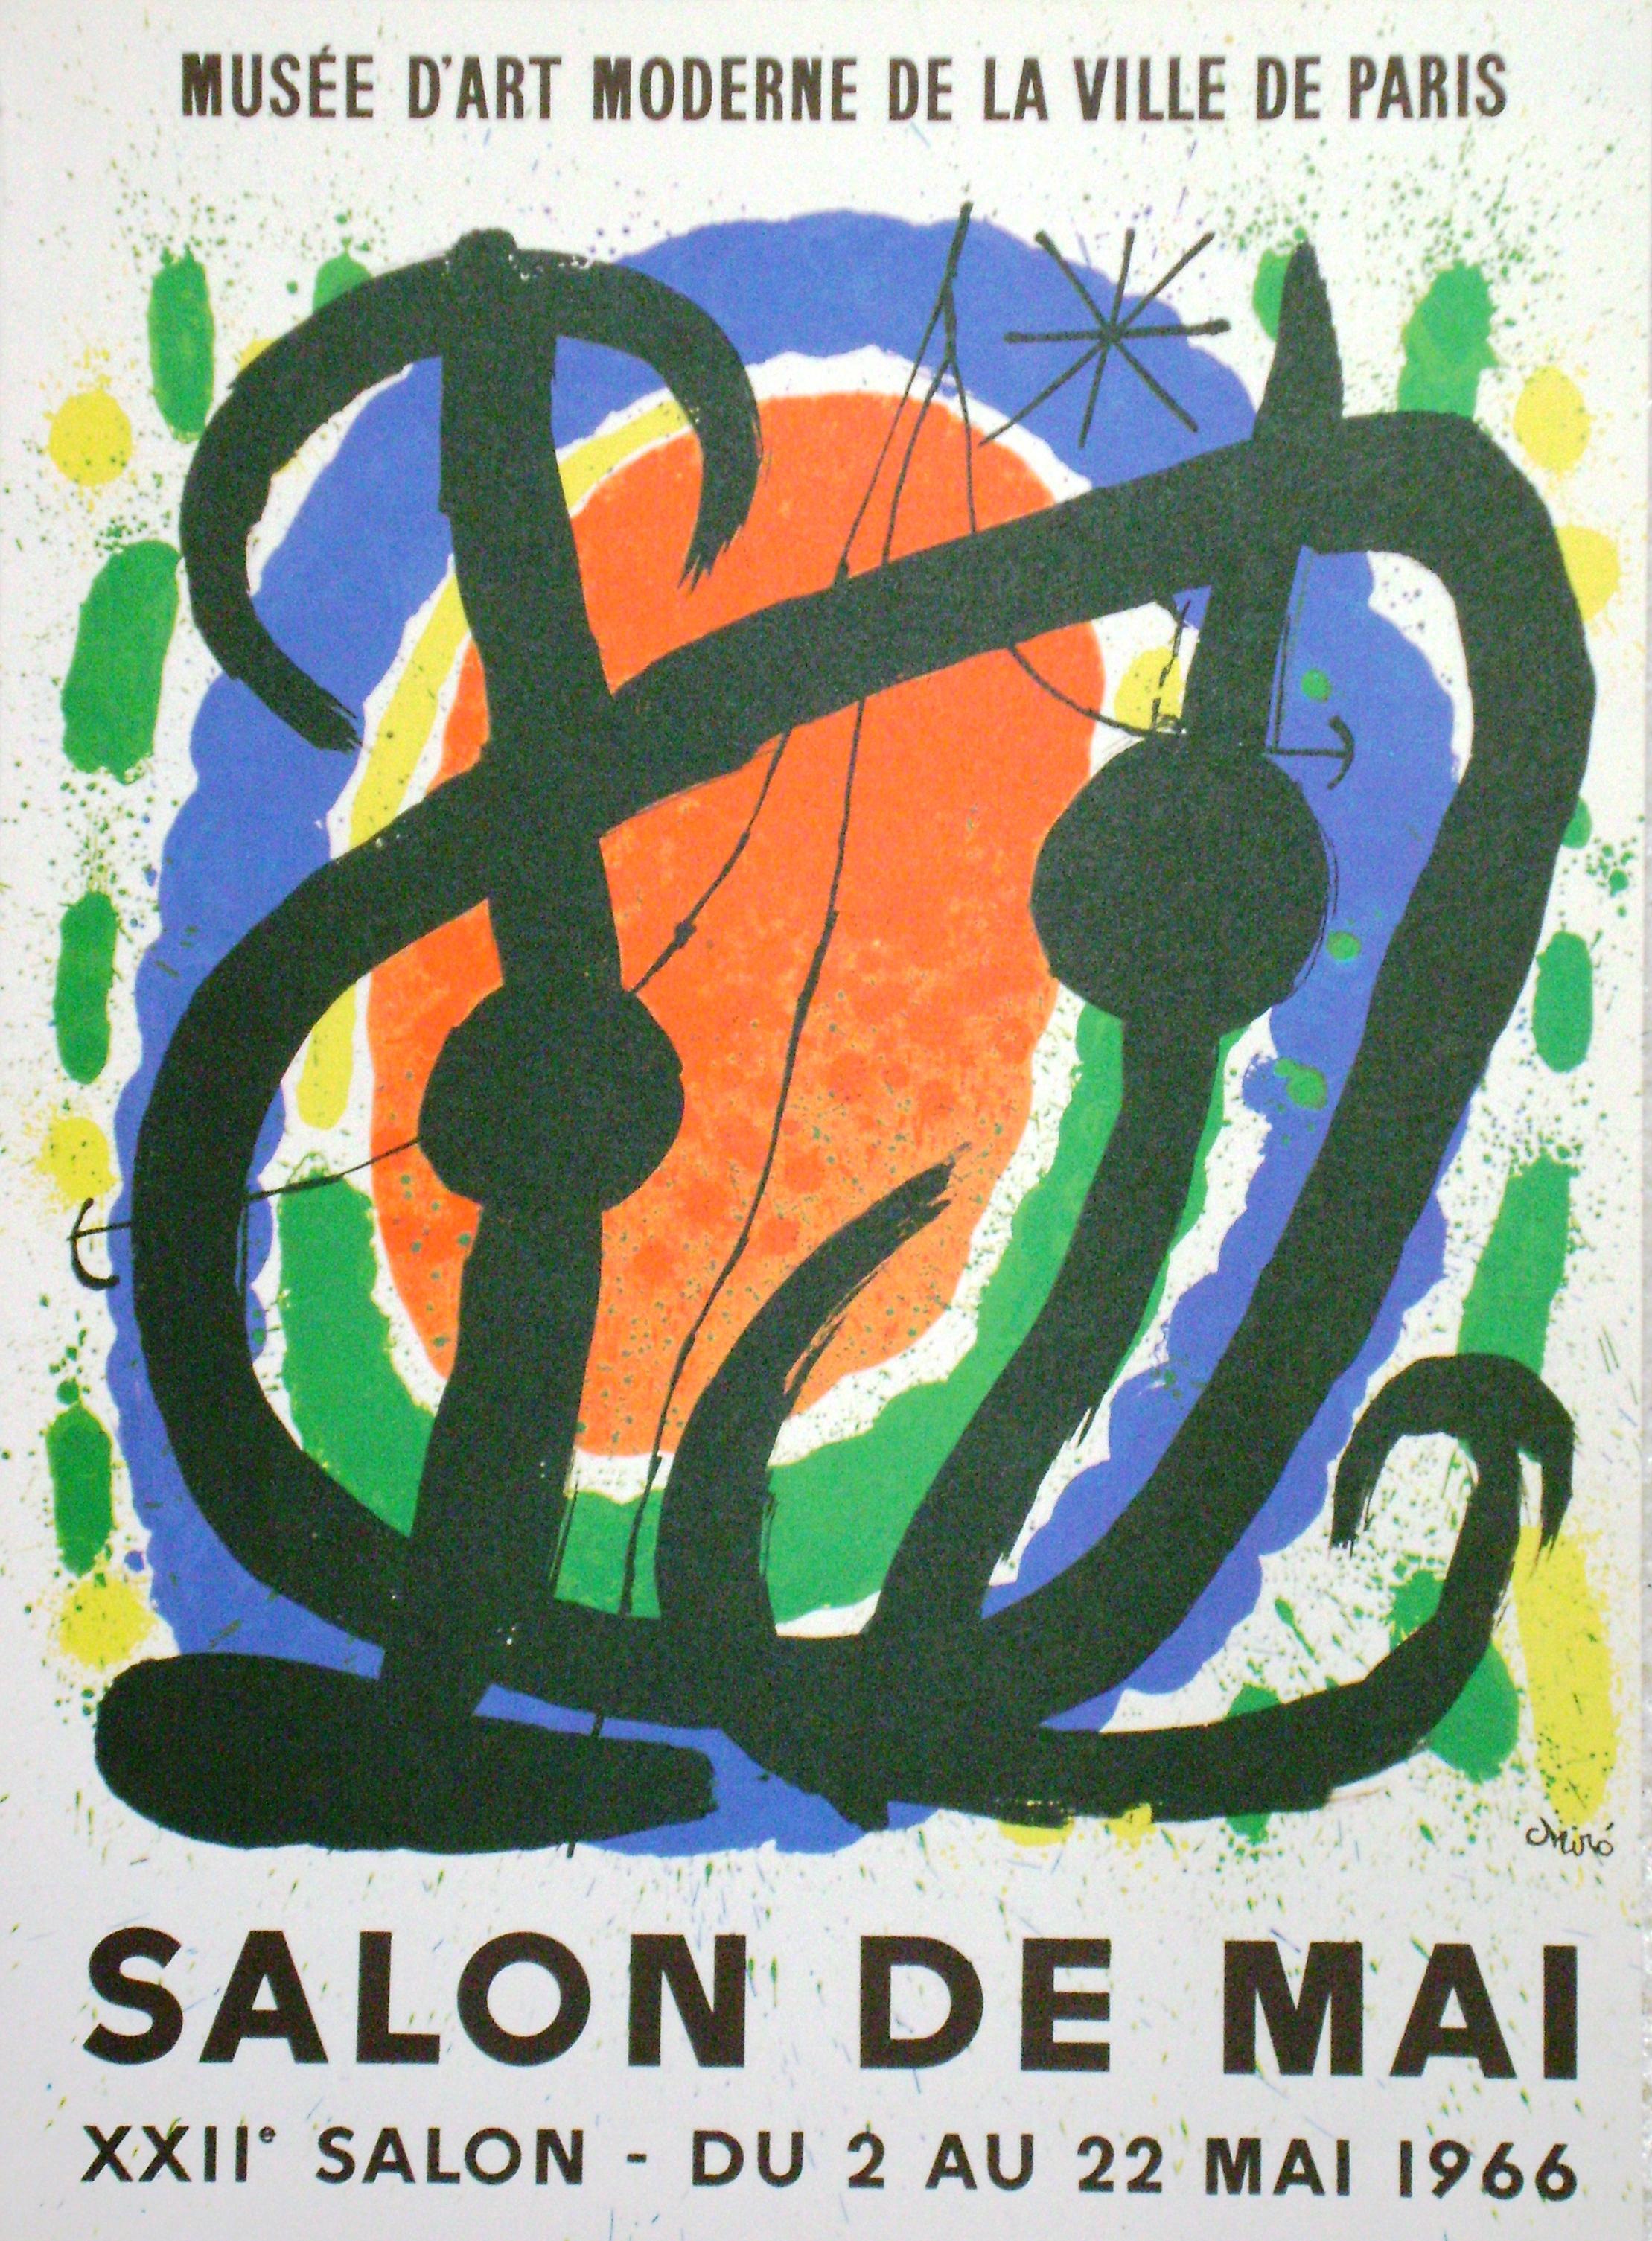 Joan mir salon de mai le cornici forl galleria arte for Salon de mai